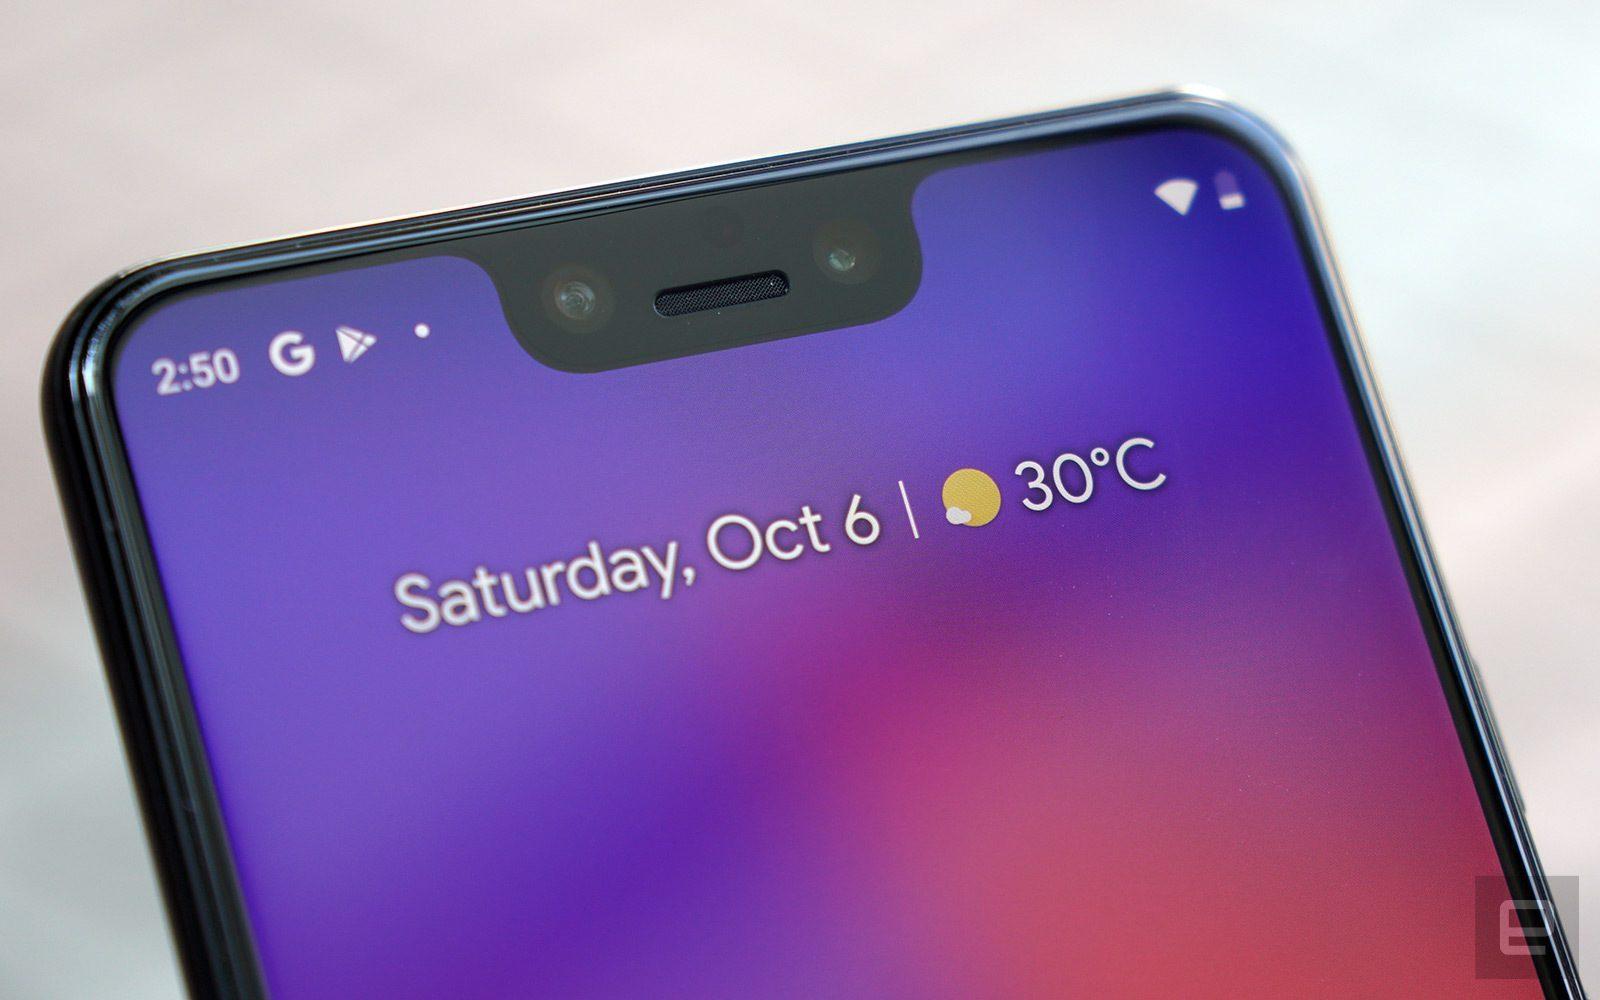 Google Pixel 3 XL - vorbei, bevor es überhaupt losgeht? 5 techboys.de • smarte News, auf den Punkt! Google Pixel 3 XL - vorbei, bevor es überhaupt losgeht?